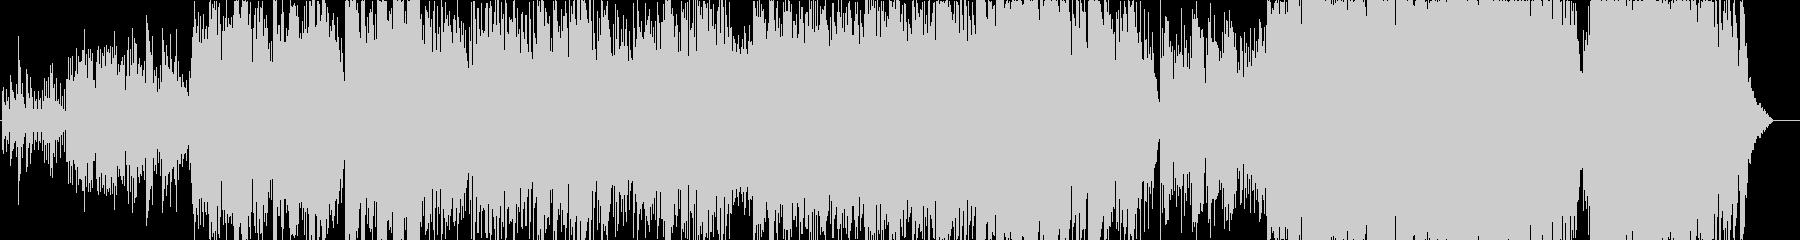 ピアノとアコギ主体のメロディアスバラードの未再生の波形